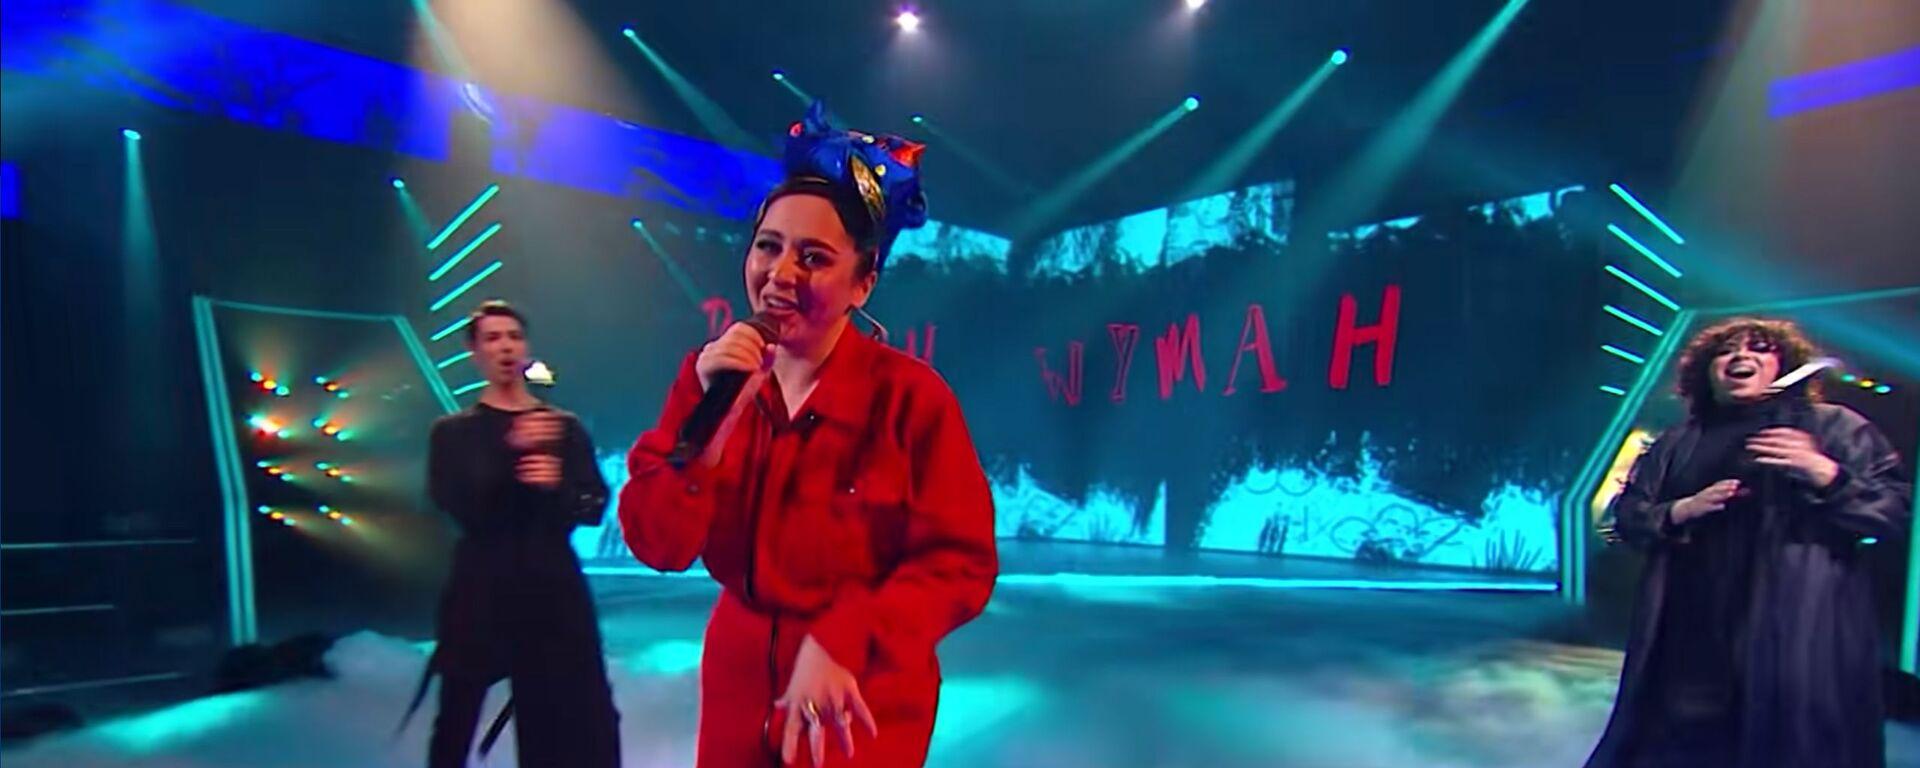 Певица Manizha - Sputnik Таджикистан, 1920, 11.03.2021